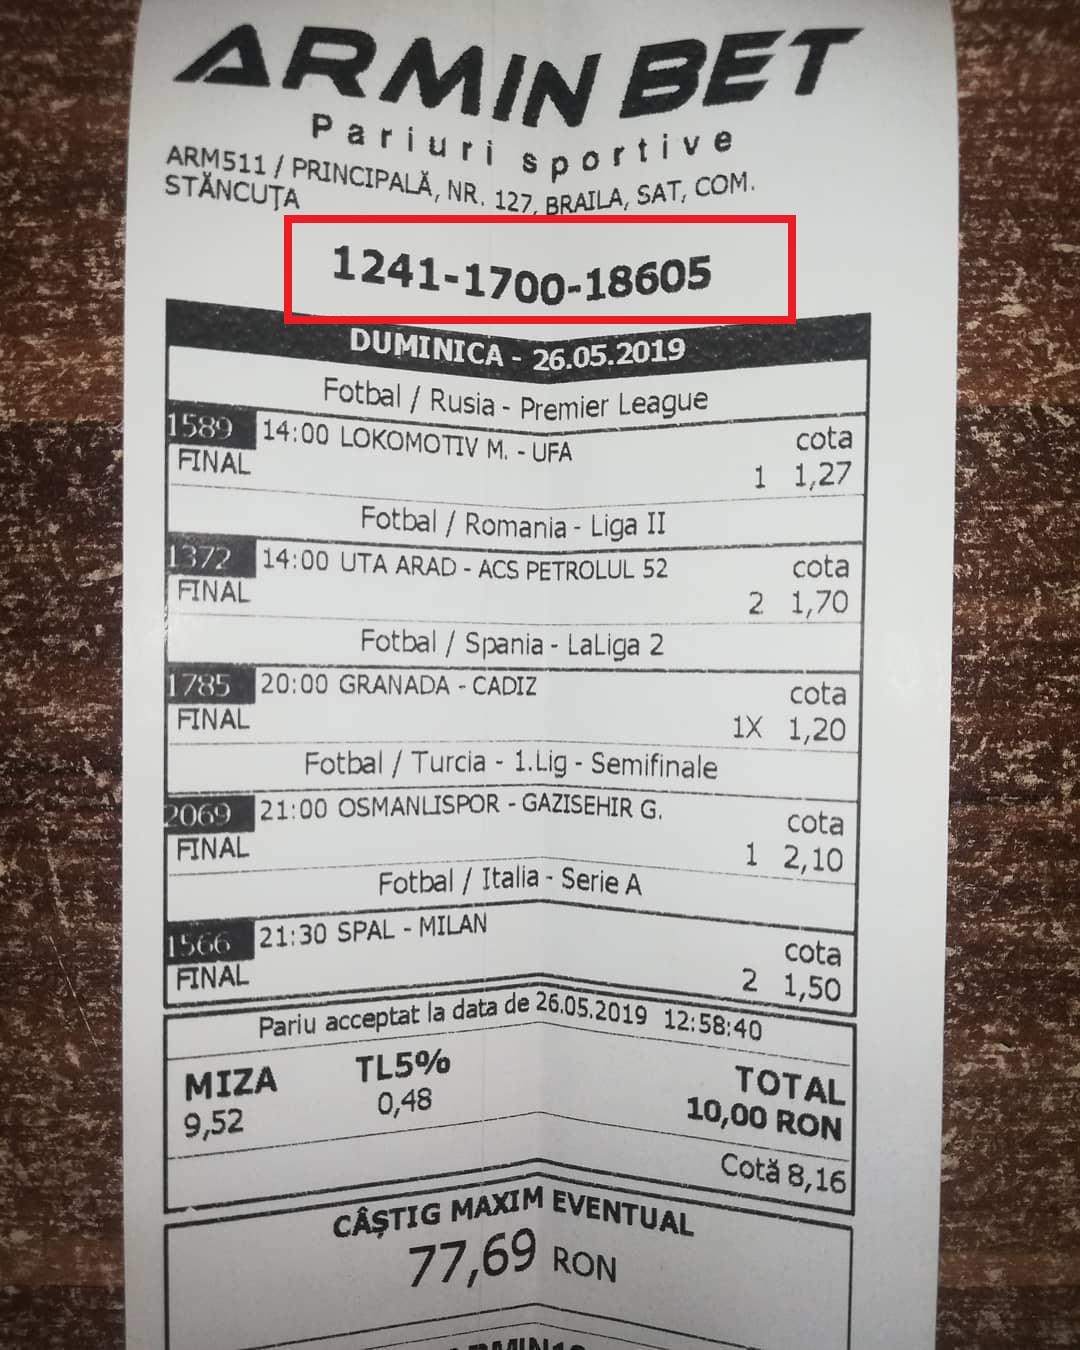 verificarea biletului la armin bet